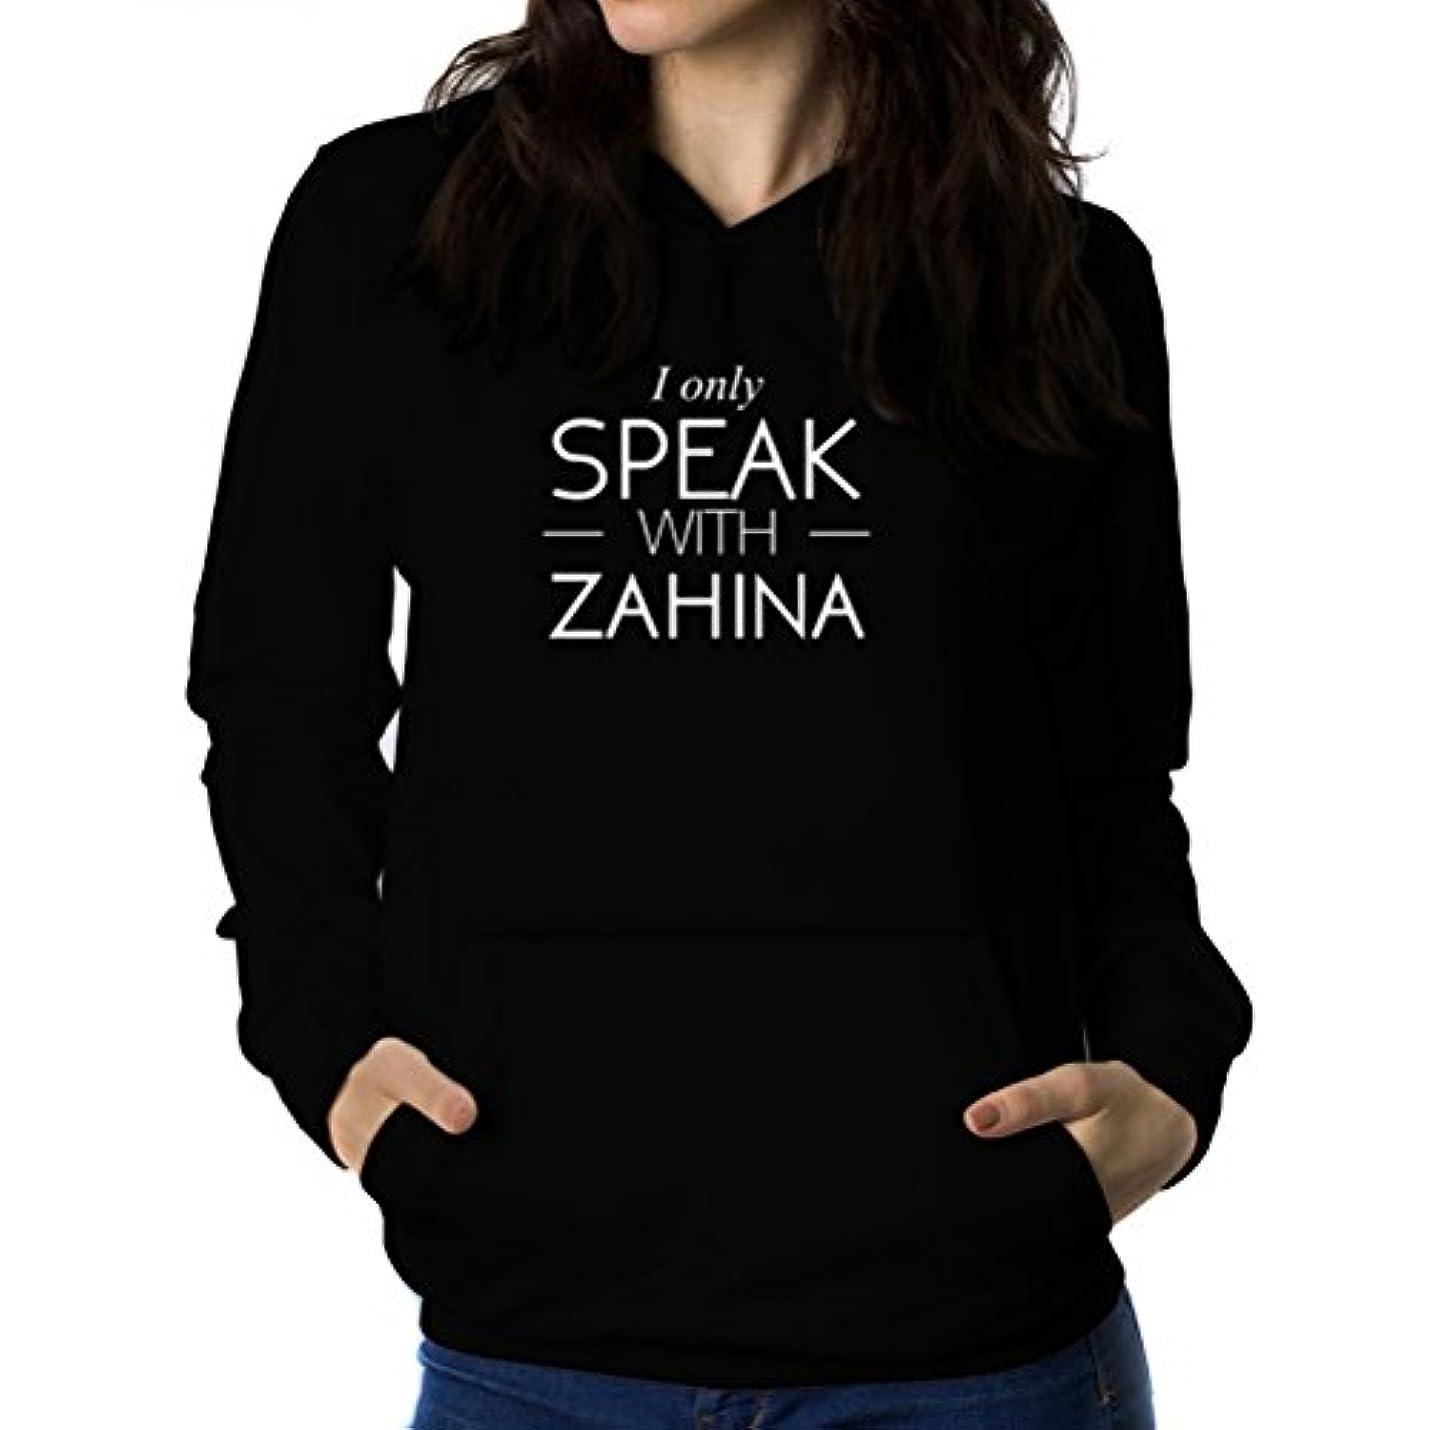 持続的行政シャットI only speak with Zahina 女性 フーディー